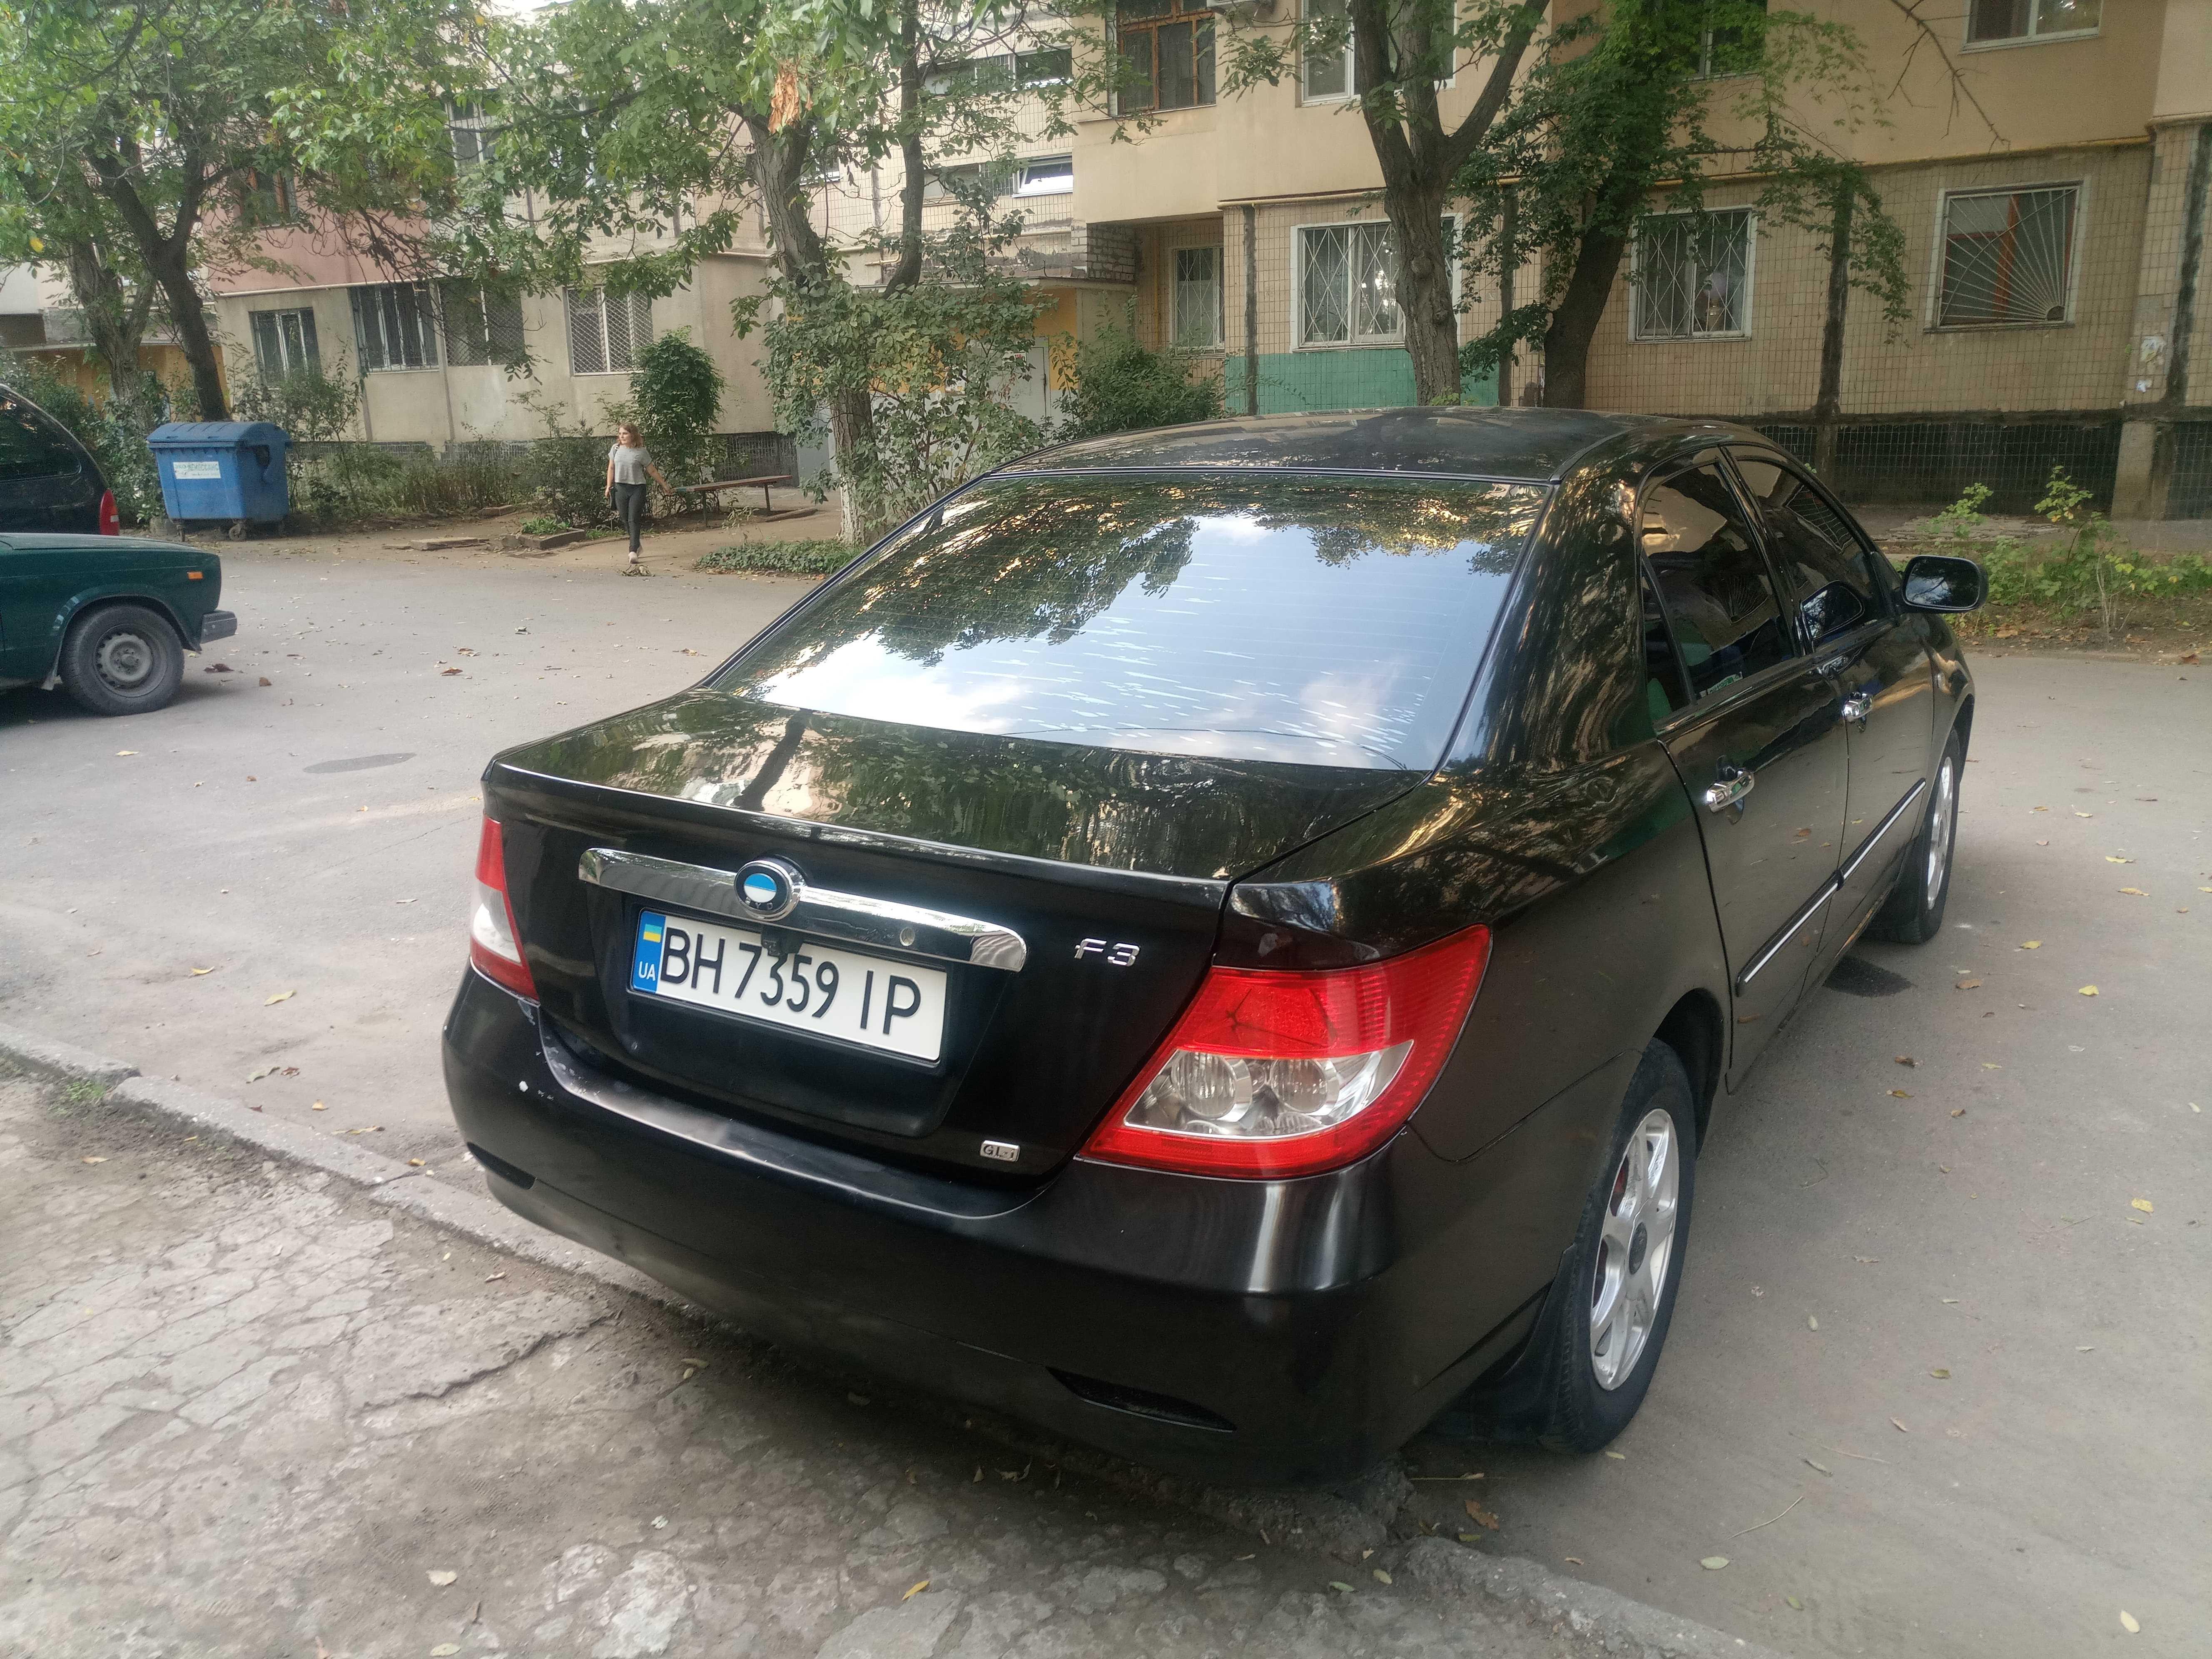 Продаж авто BYD F3 2007 р. Газ/Бензин  ціна $ 350 у м. Одеса